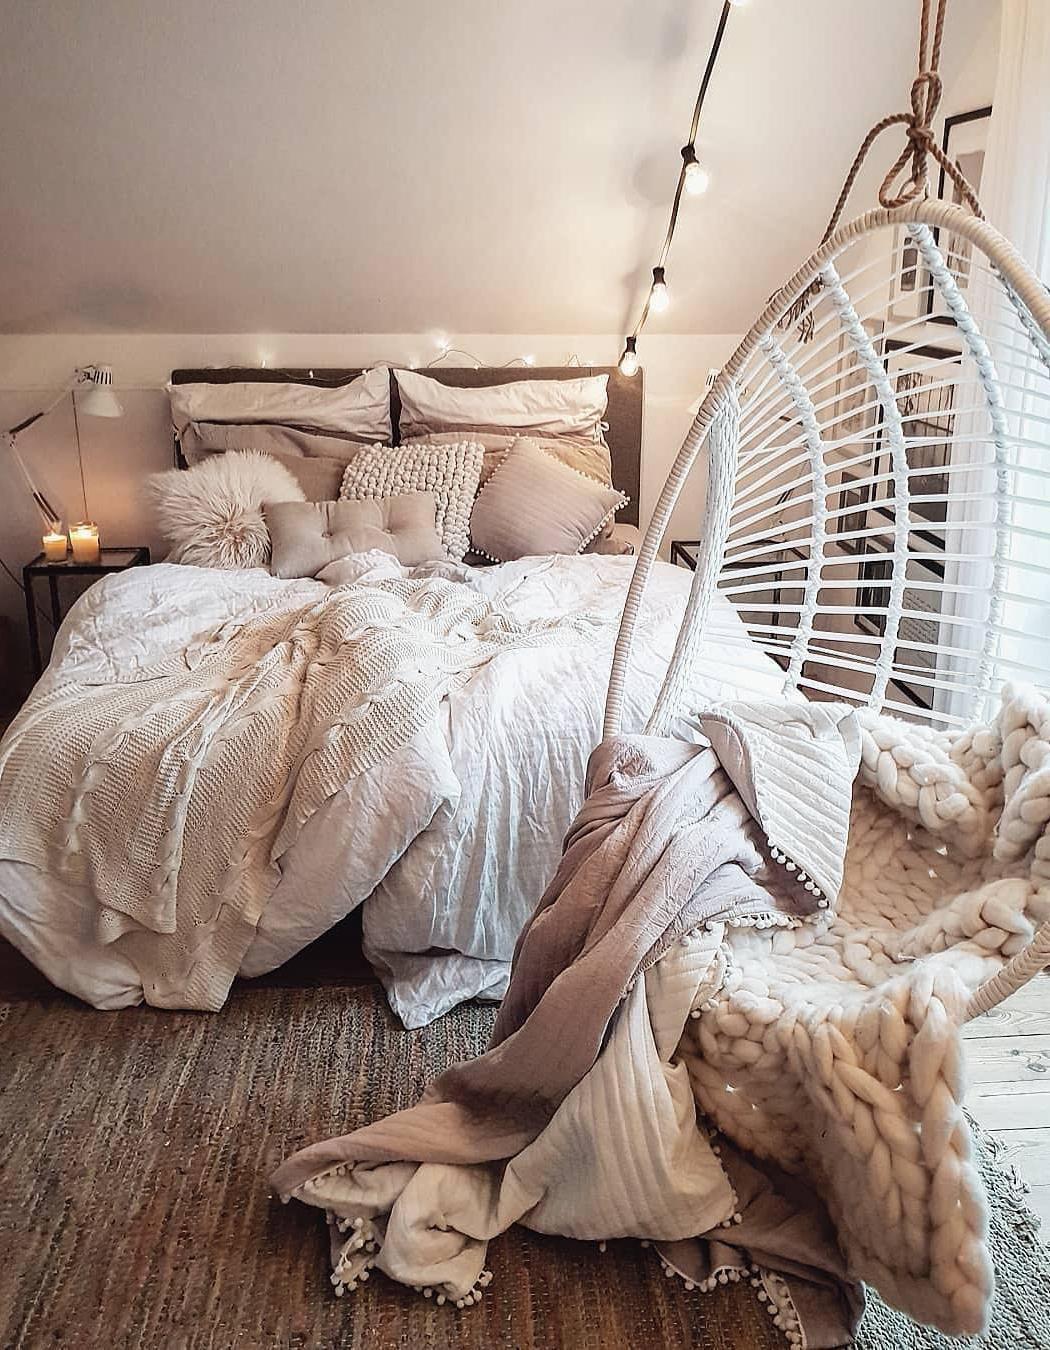 52 Warme En Romantische Slaapkamer Bed Decoratie Ideeen Remodel Bedroom Romantic Bedroom Decor Romantic Bedroom